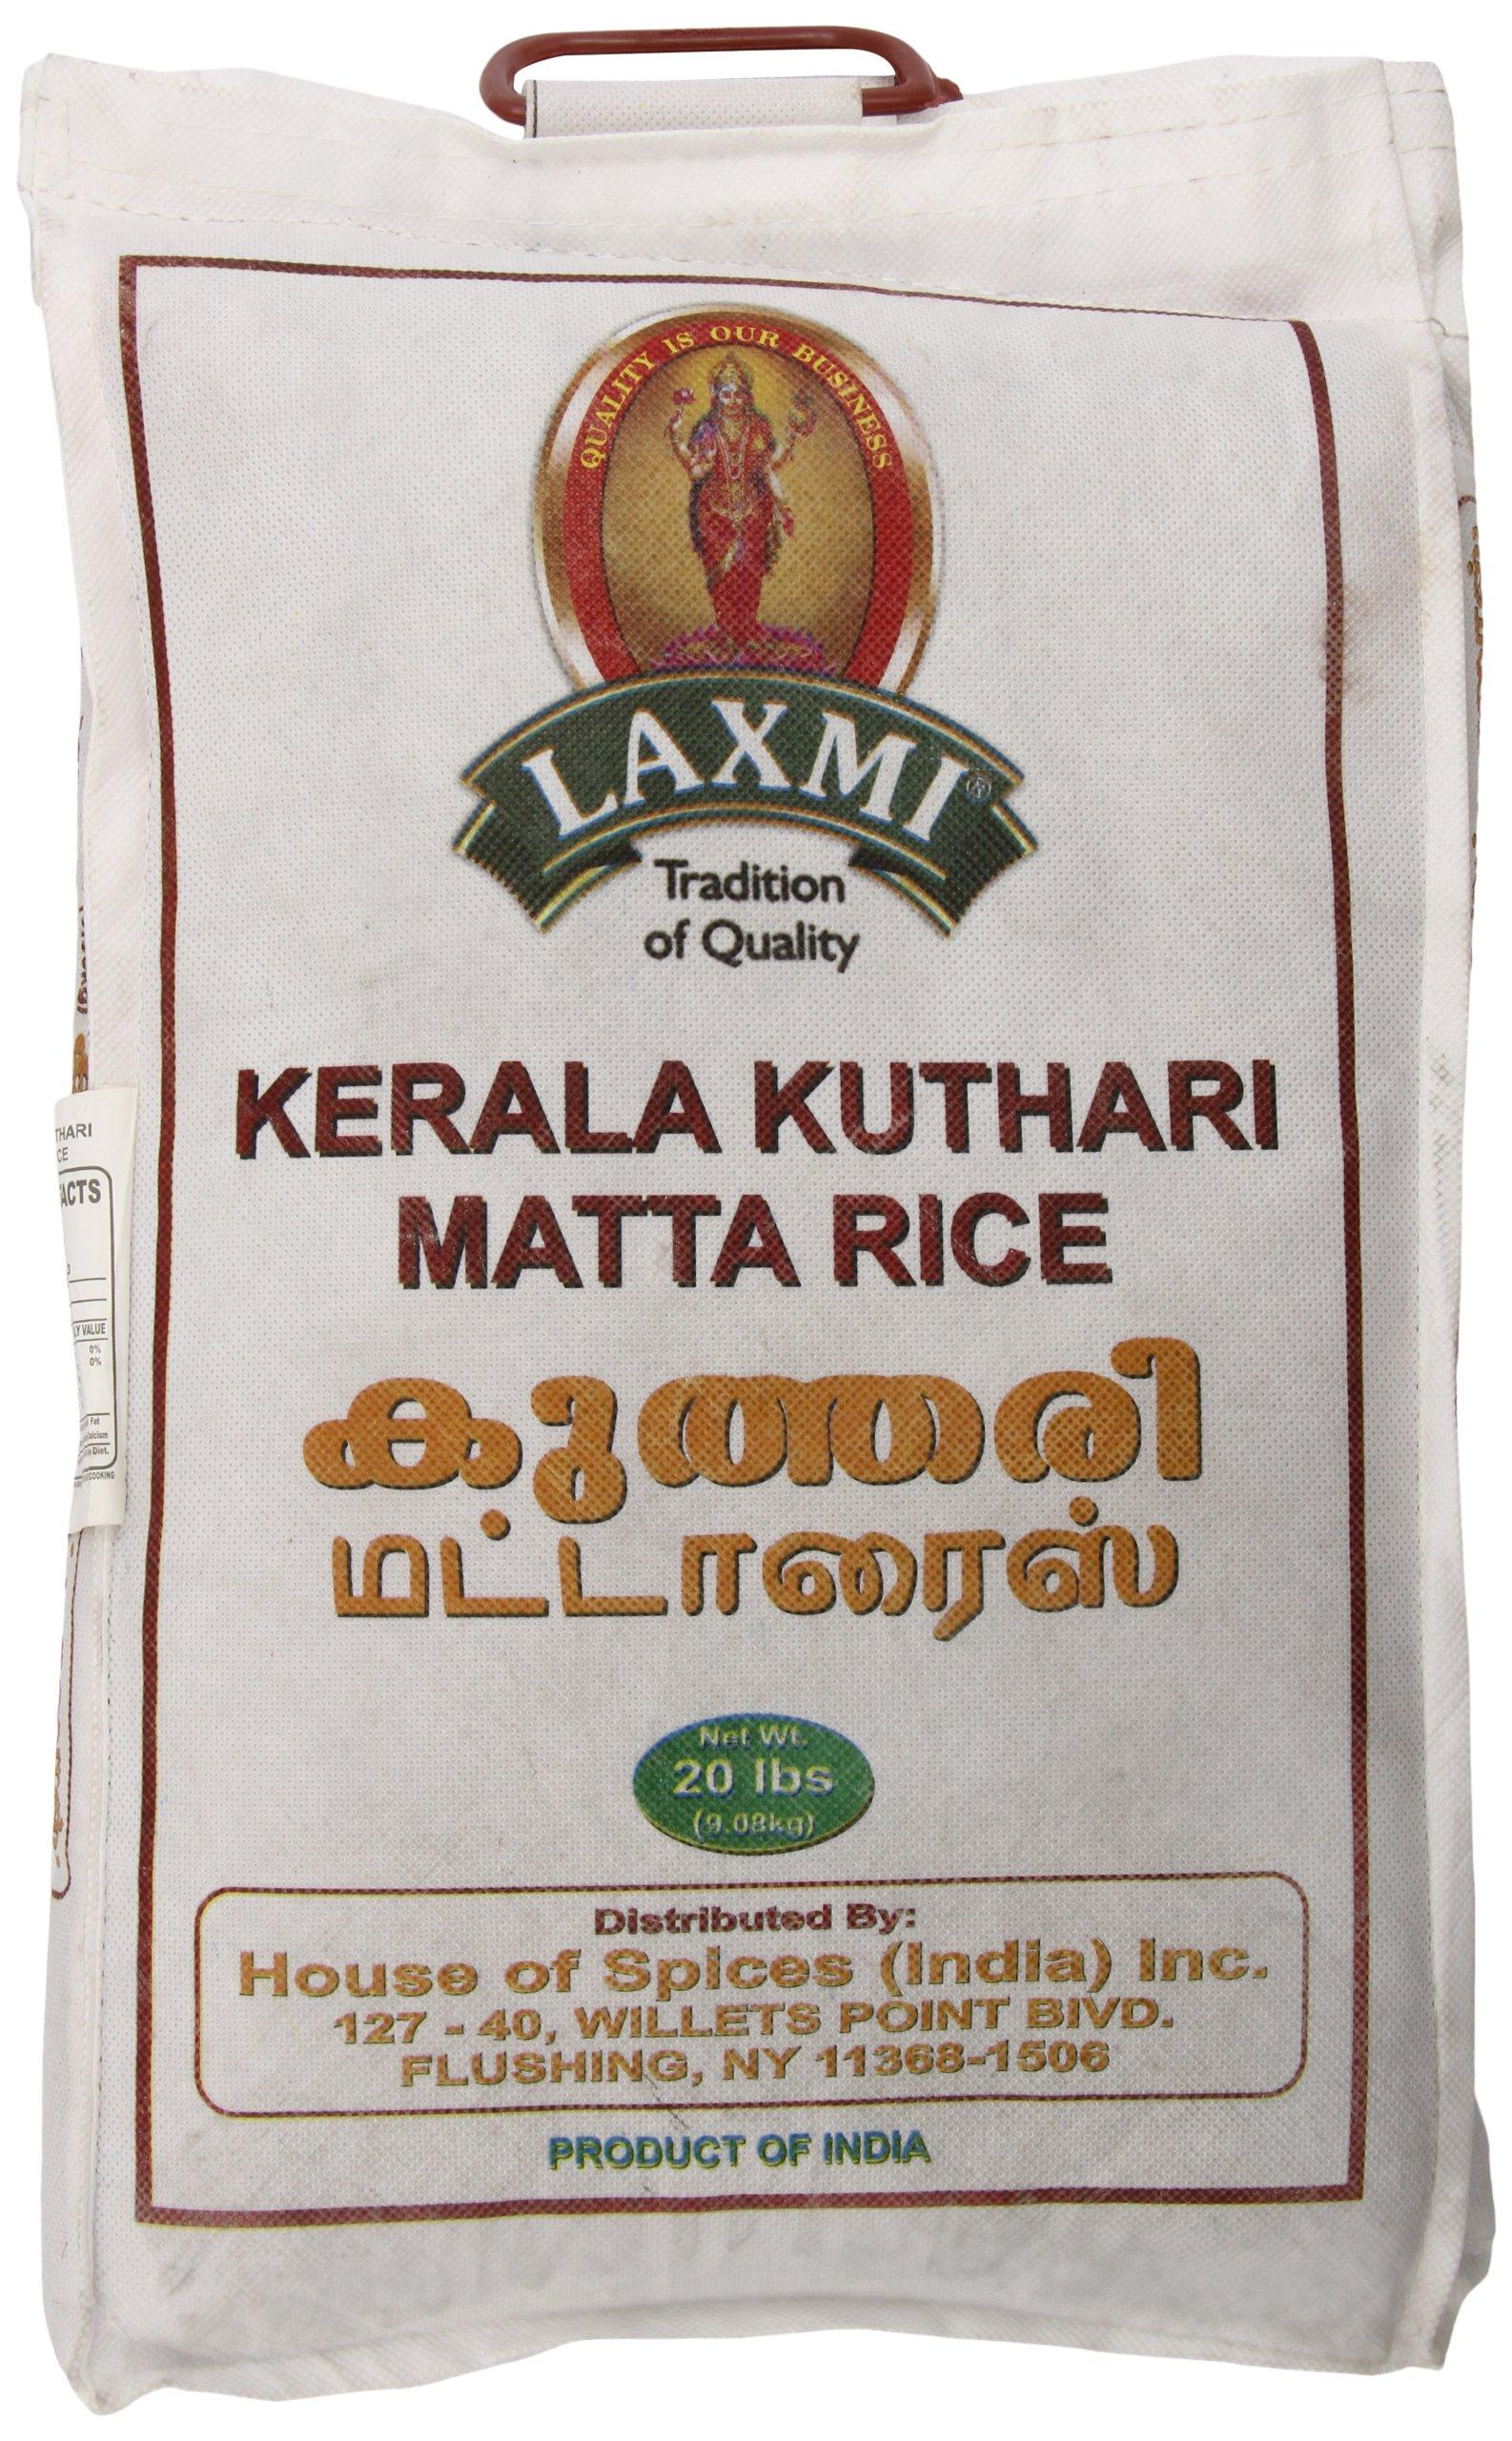 Laxmi All-Natural Kerala Kuthara Matta Rice, 20 Pounds